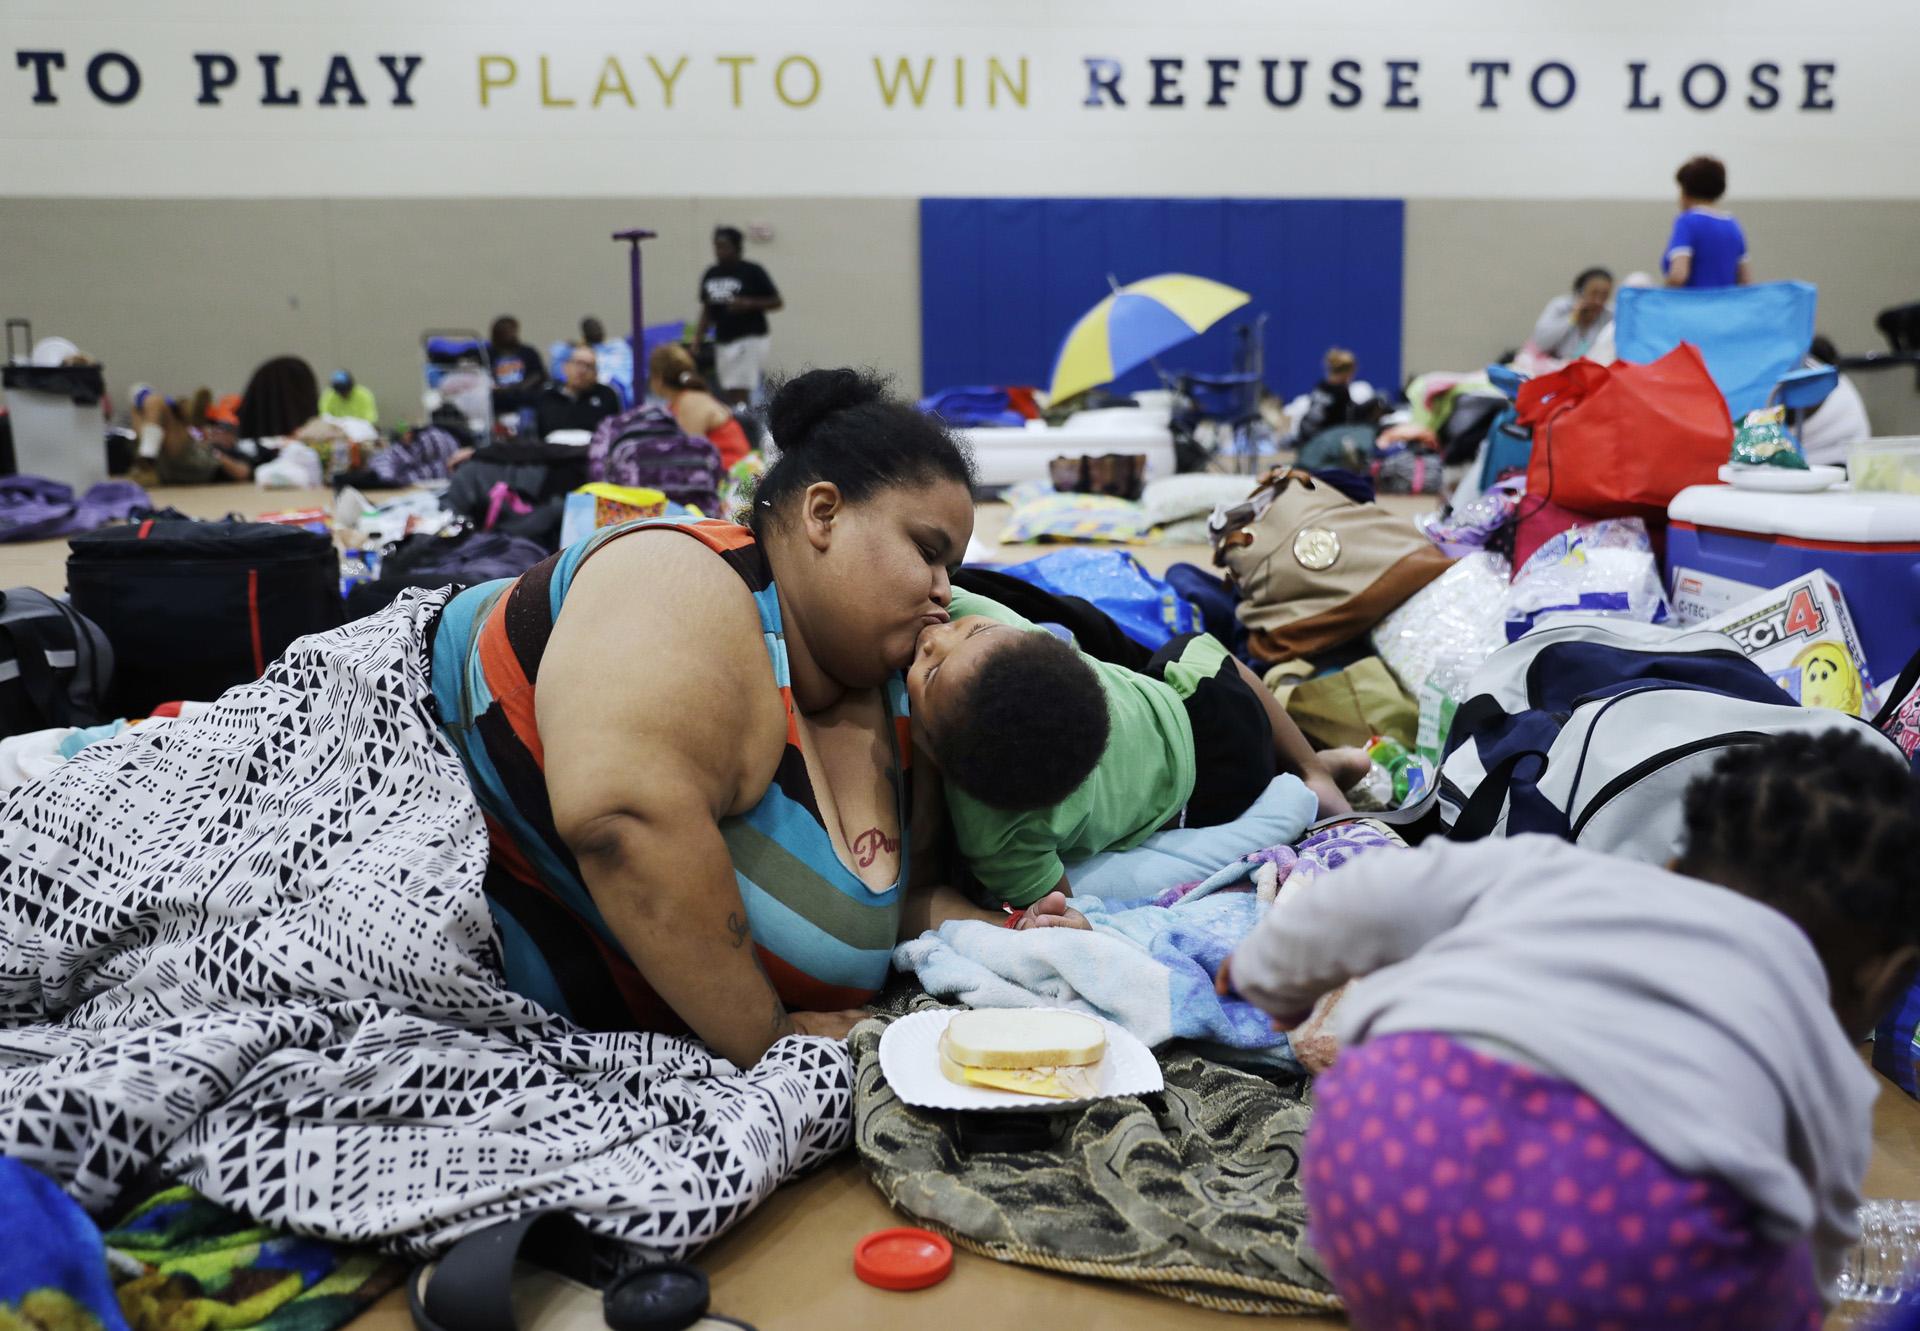 Annette Davis besa a su hijo Darius, de 3 años, mientras se queda en un refugio en Miami después de evacuar de su casa en Florida City, Florida. (AP)